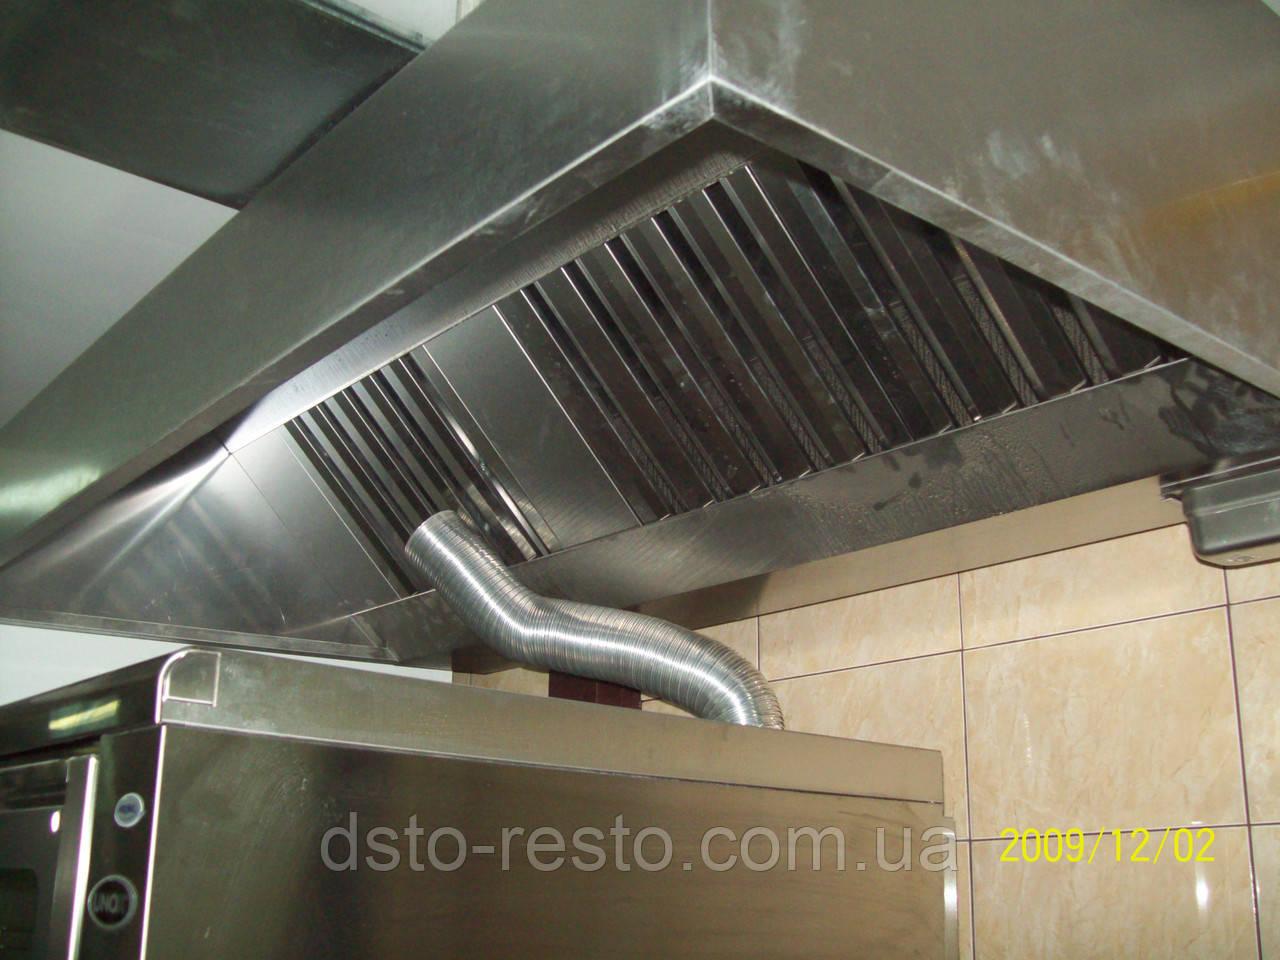 Зонт вытяжной для кафе пристенный 1200/800/400 мм